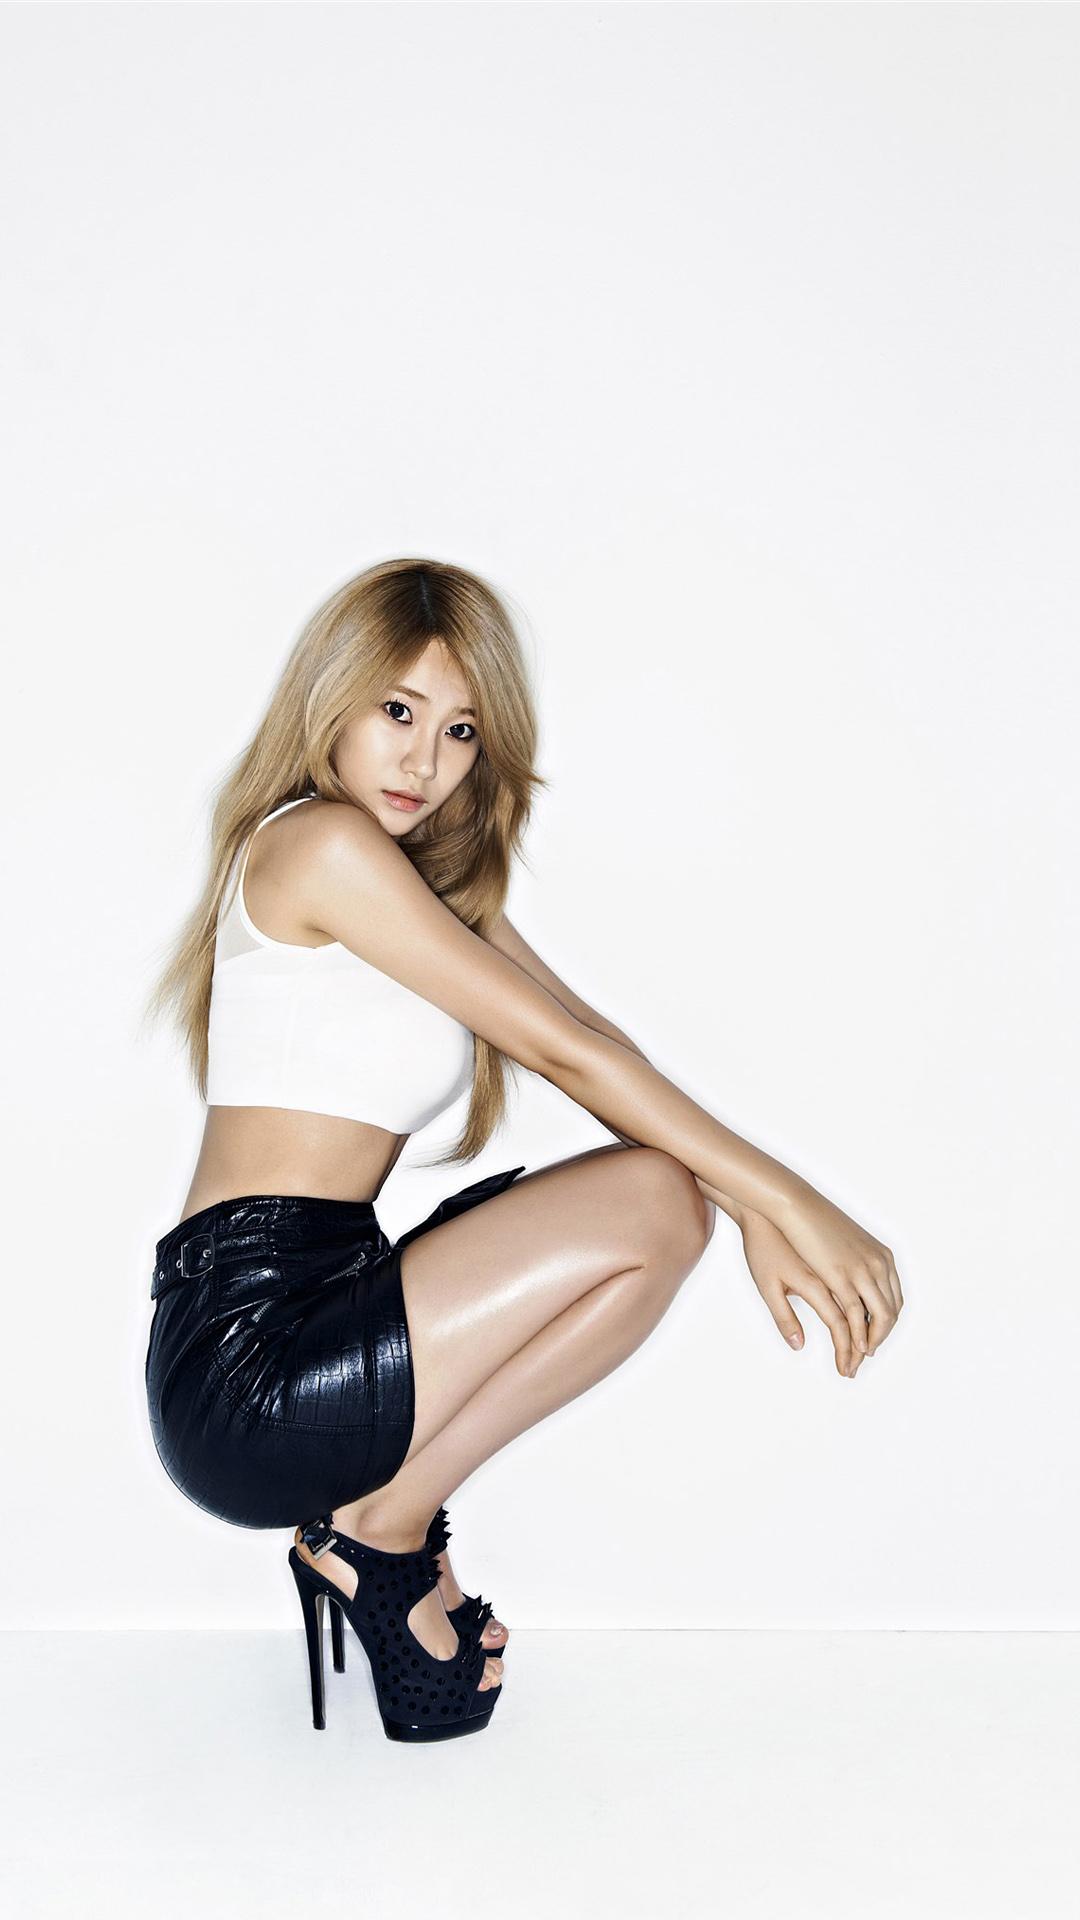 韩国 女生 美女 白色 苹果手机高清壁纸 1080x1920